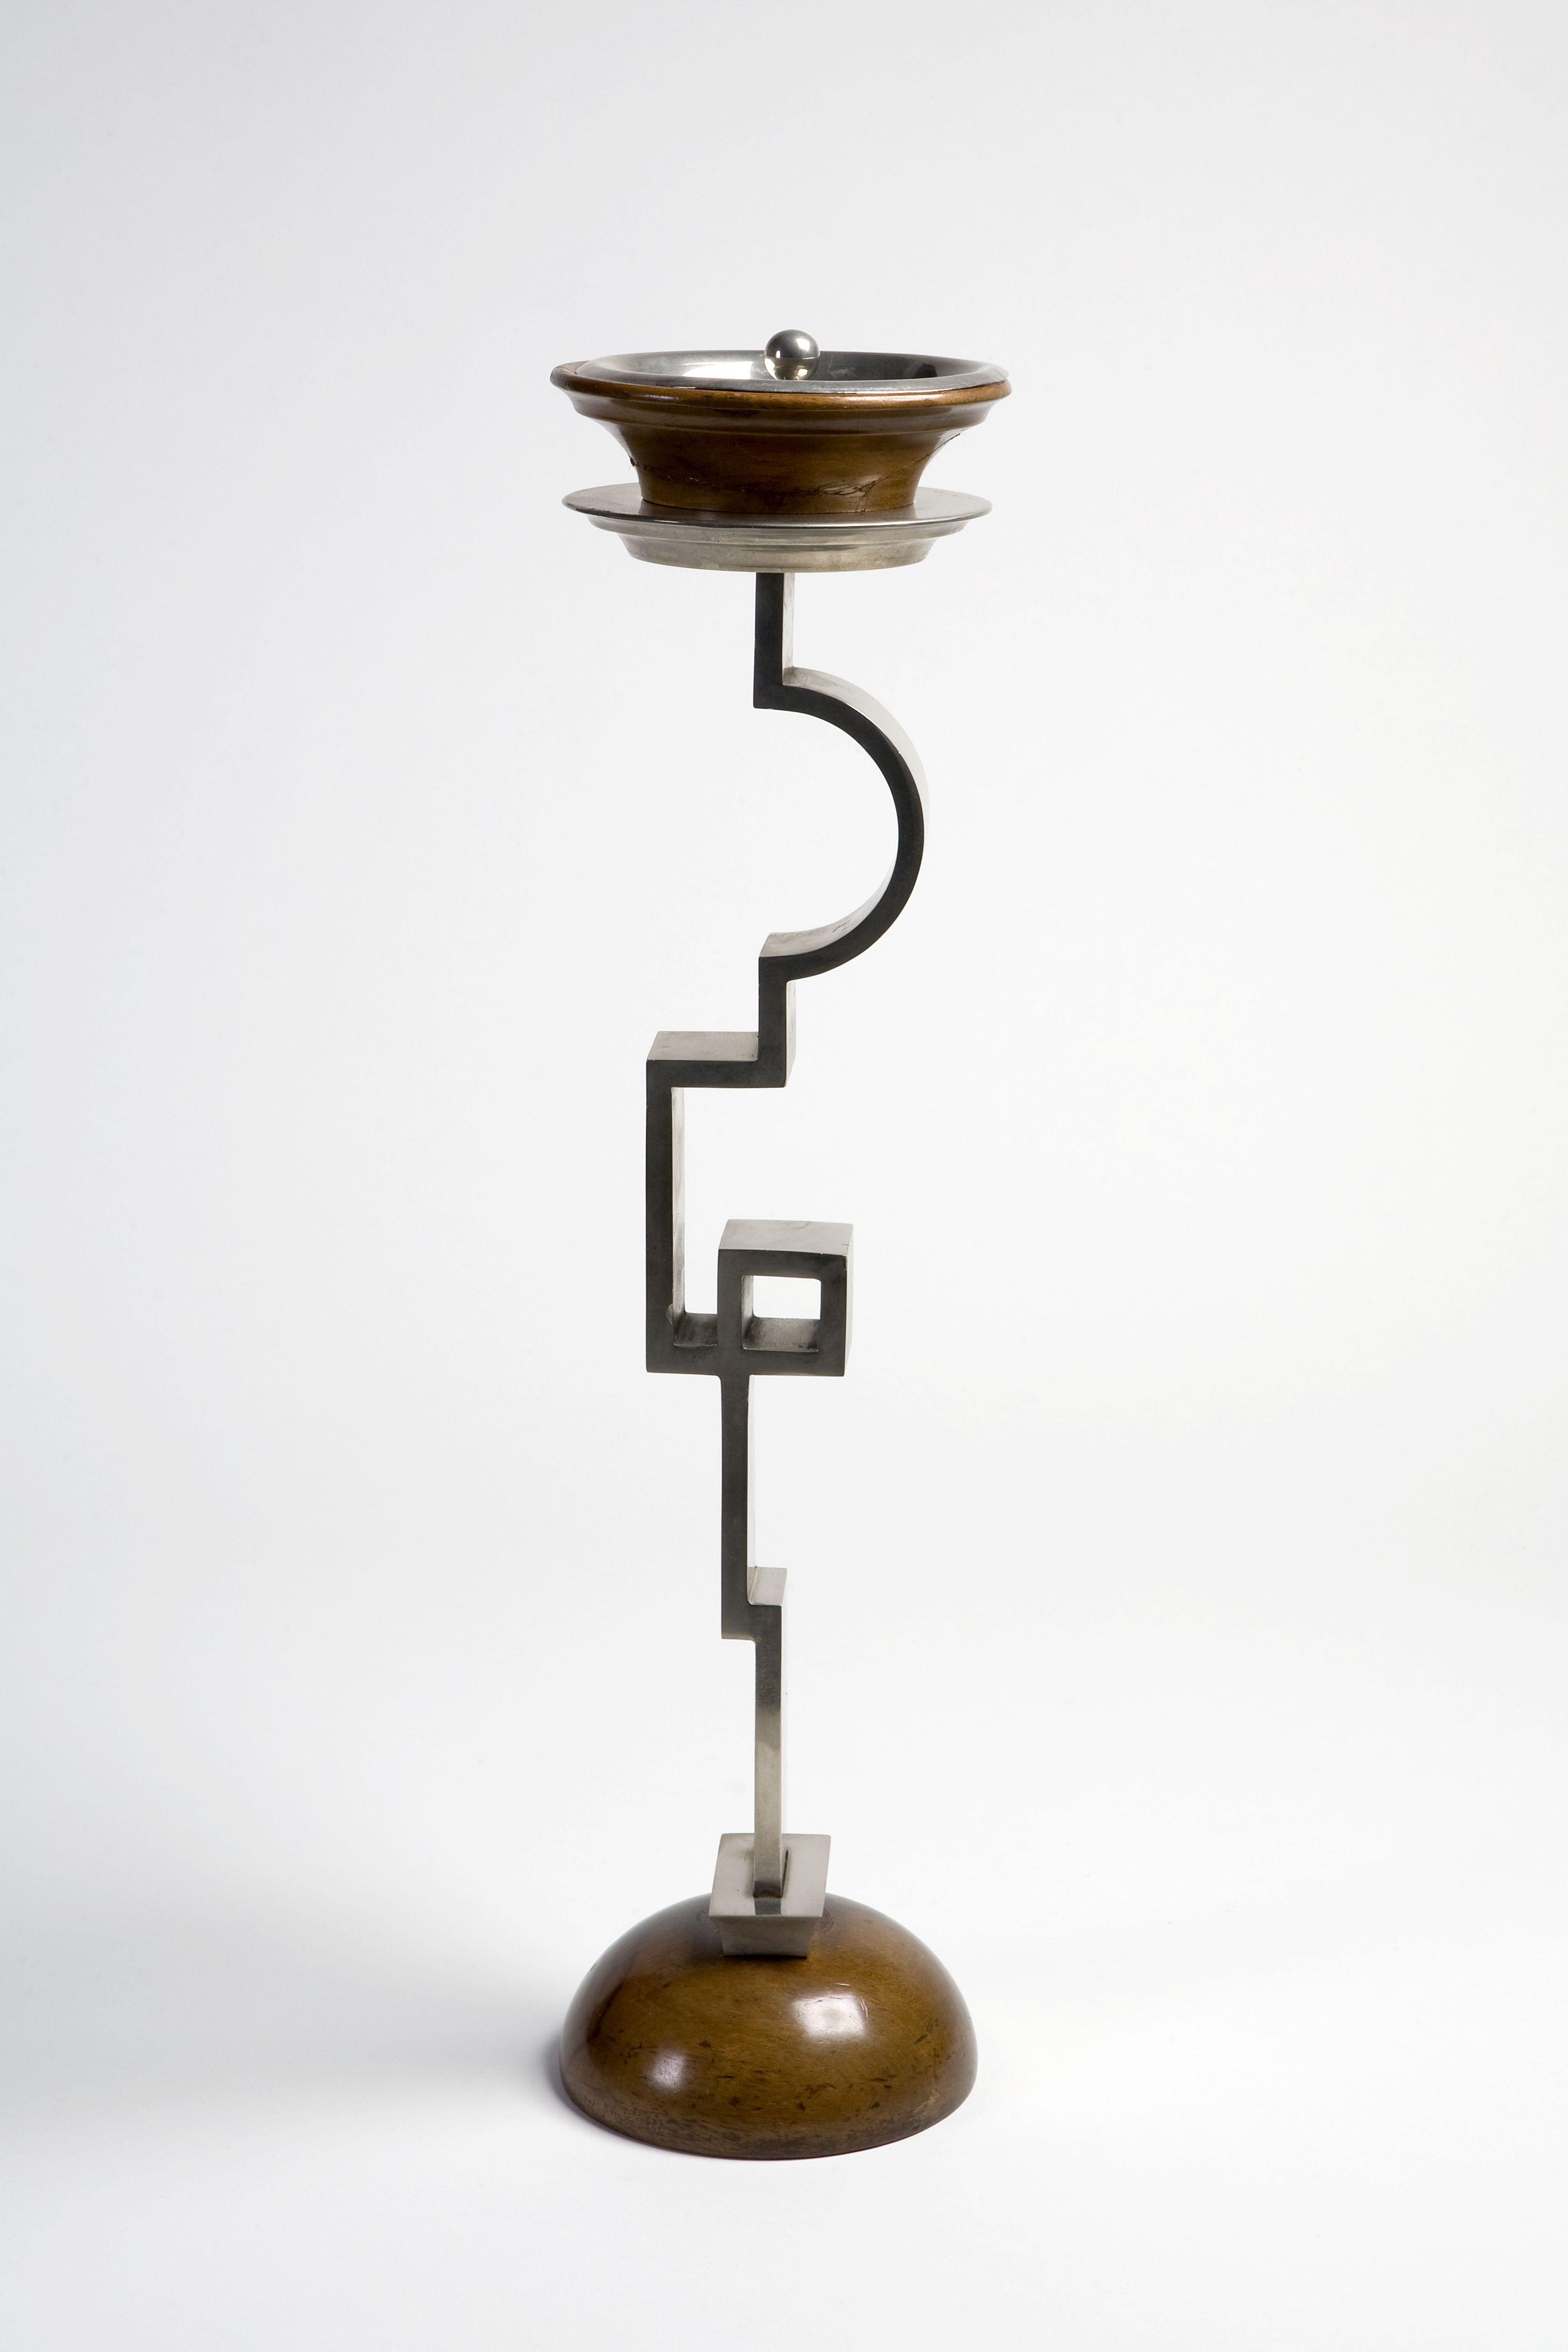 Posacenere Piero Portaluppi 1928 Courtesy Archivio Fondazione  # Muebles Bobrick